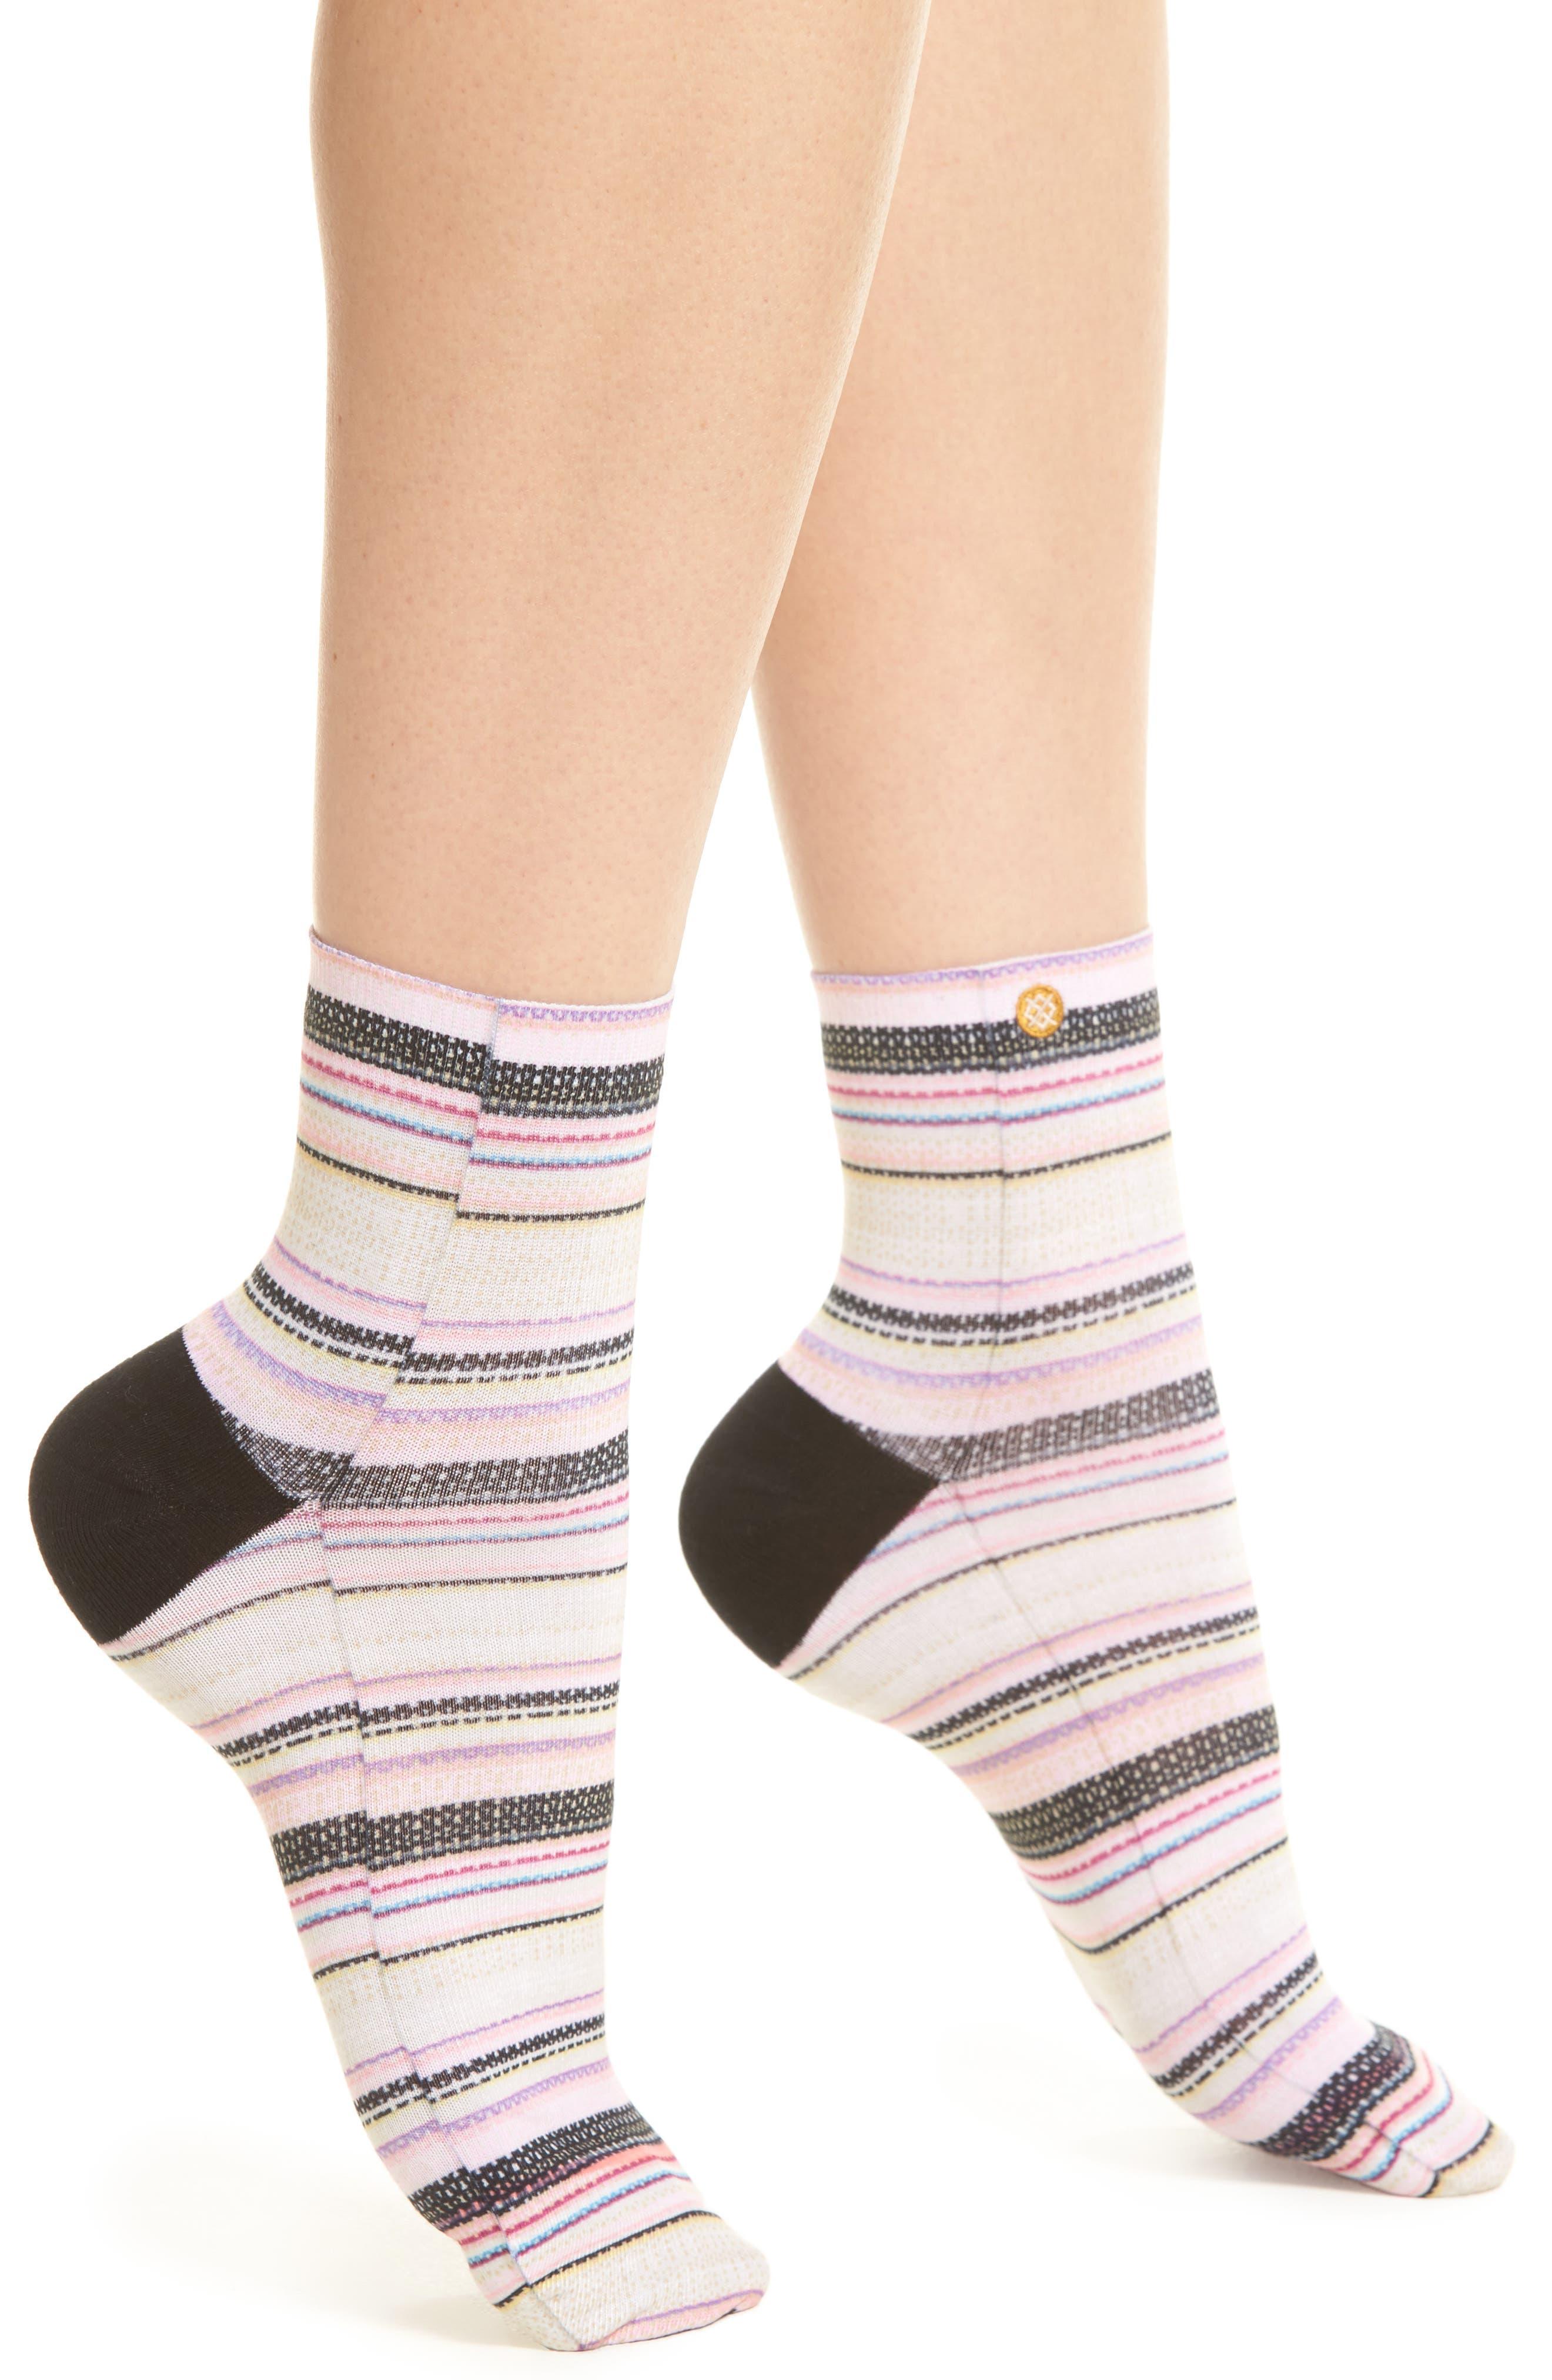 Bahama Mama Ankle Socks,                         Main,                         color, Multi